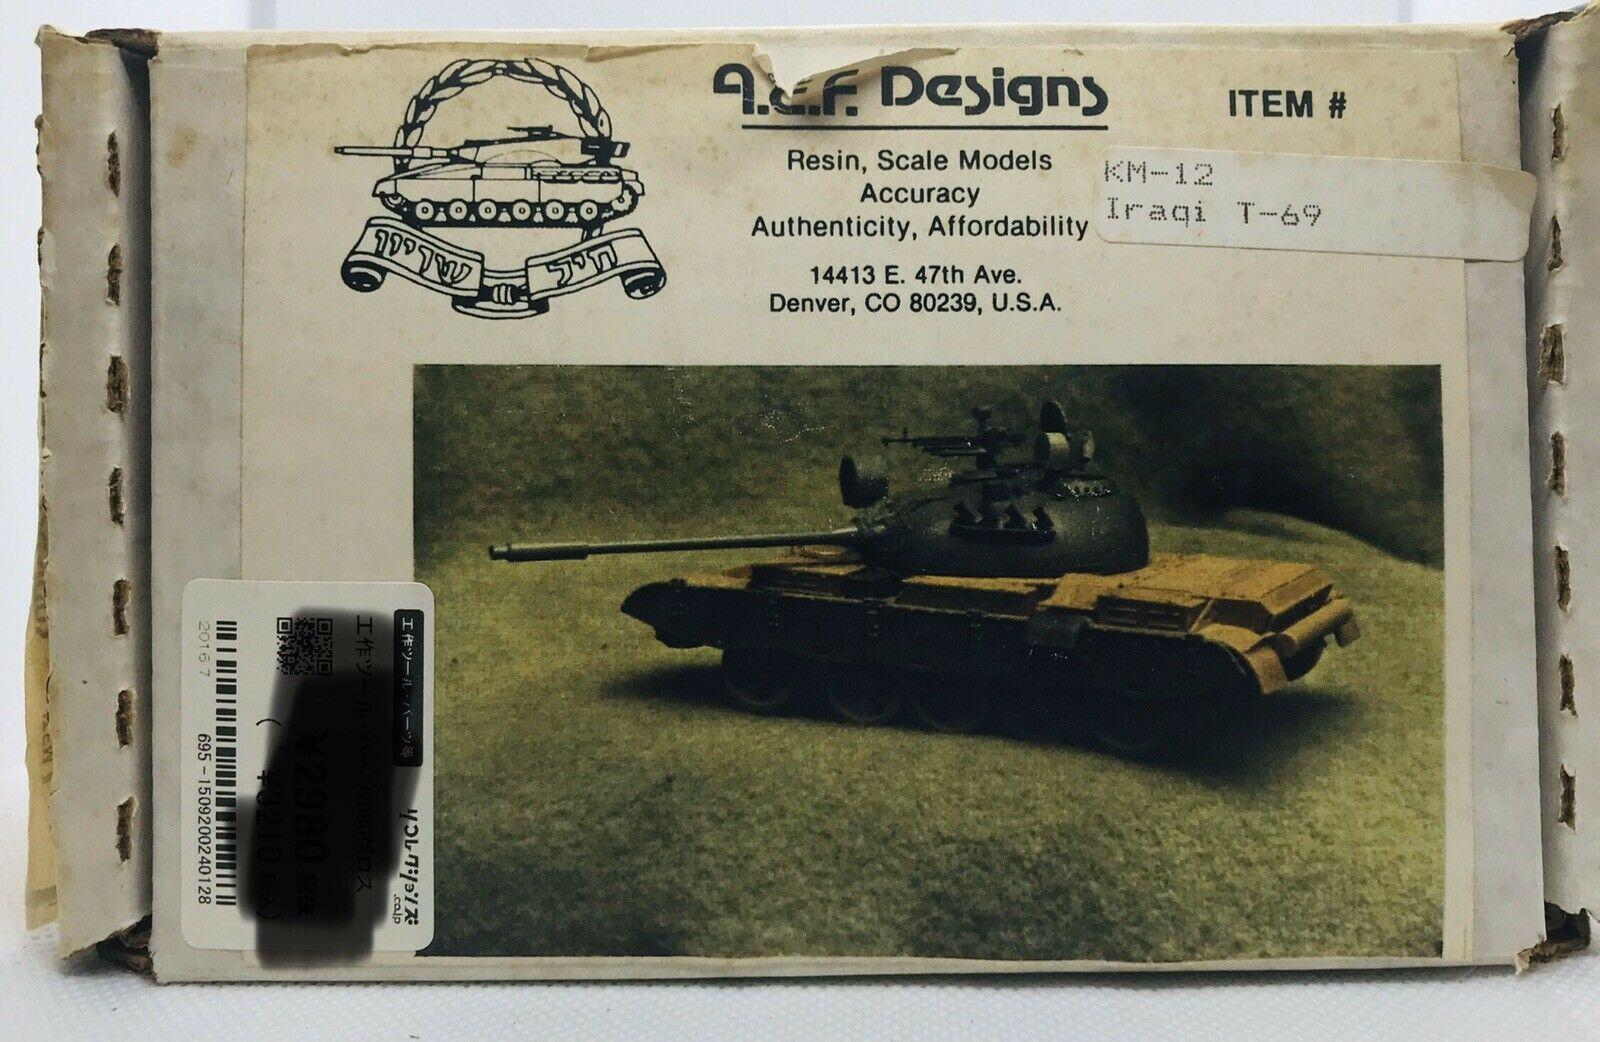 KM-12 Iraqi T-69 Image